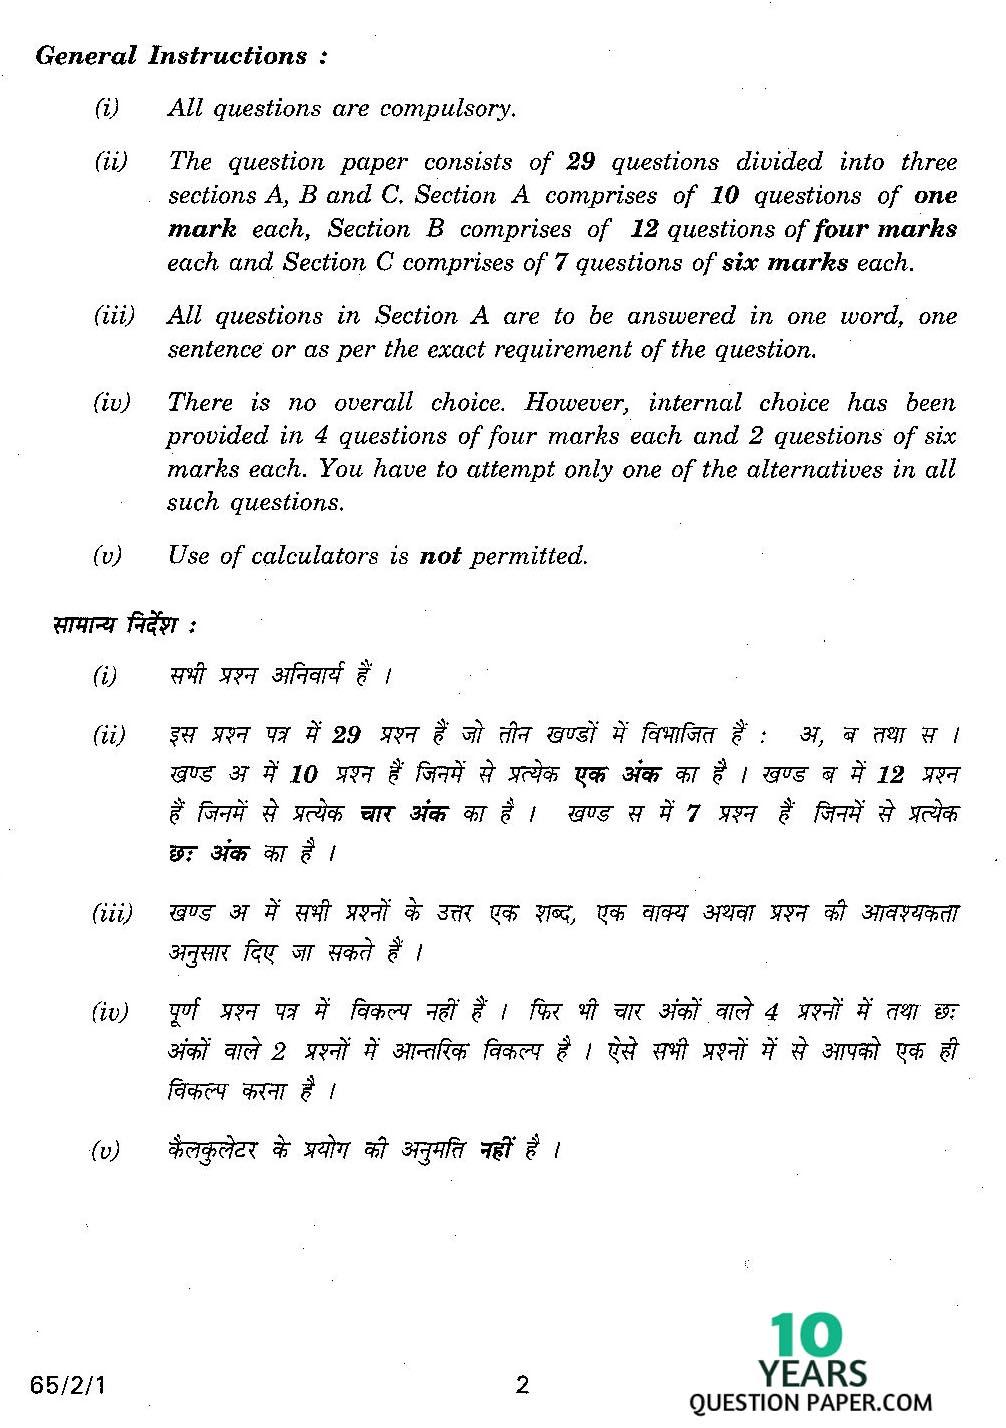 CBSE Class 12 Mathematics 2011 Question Paper